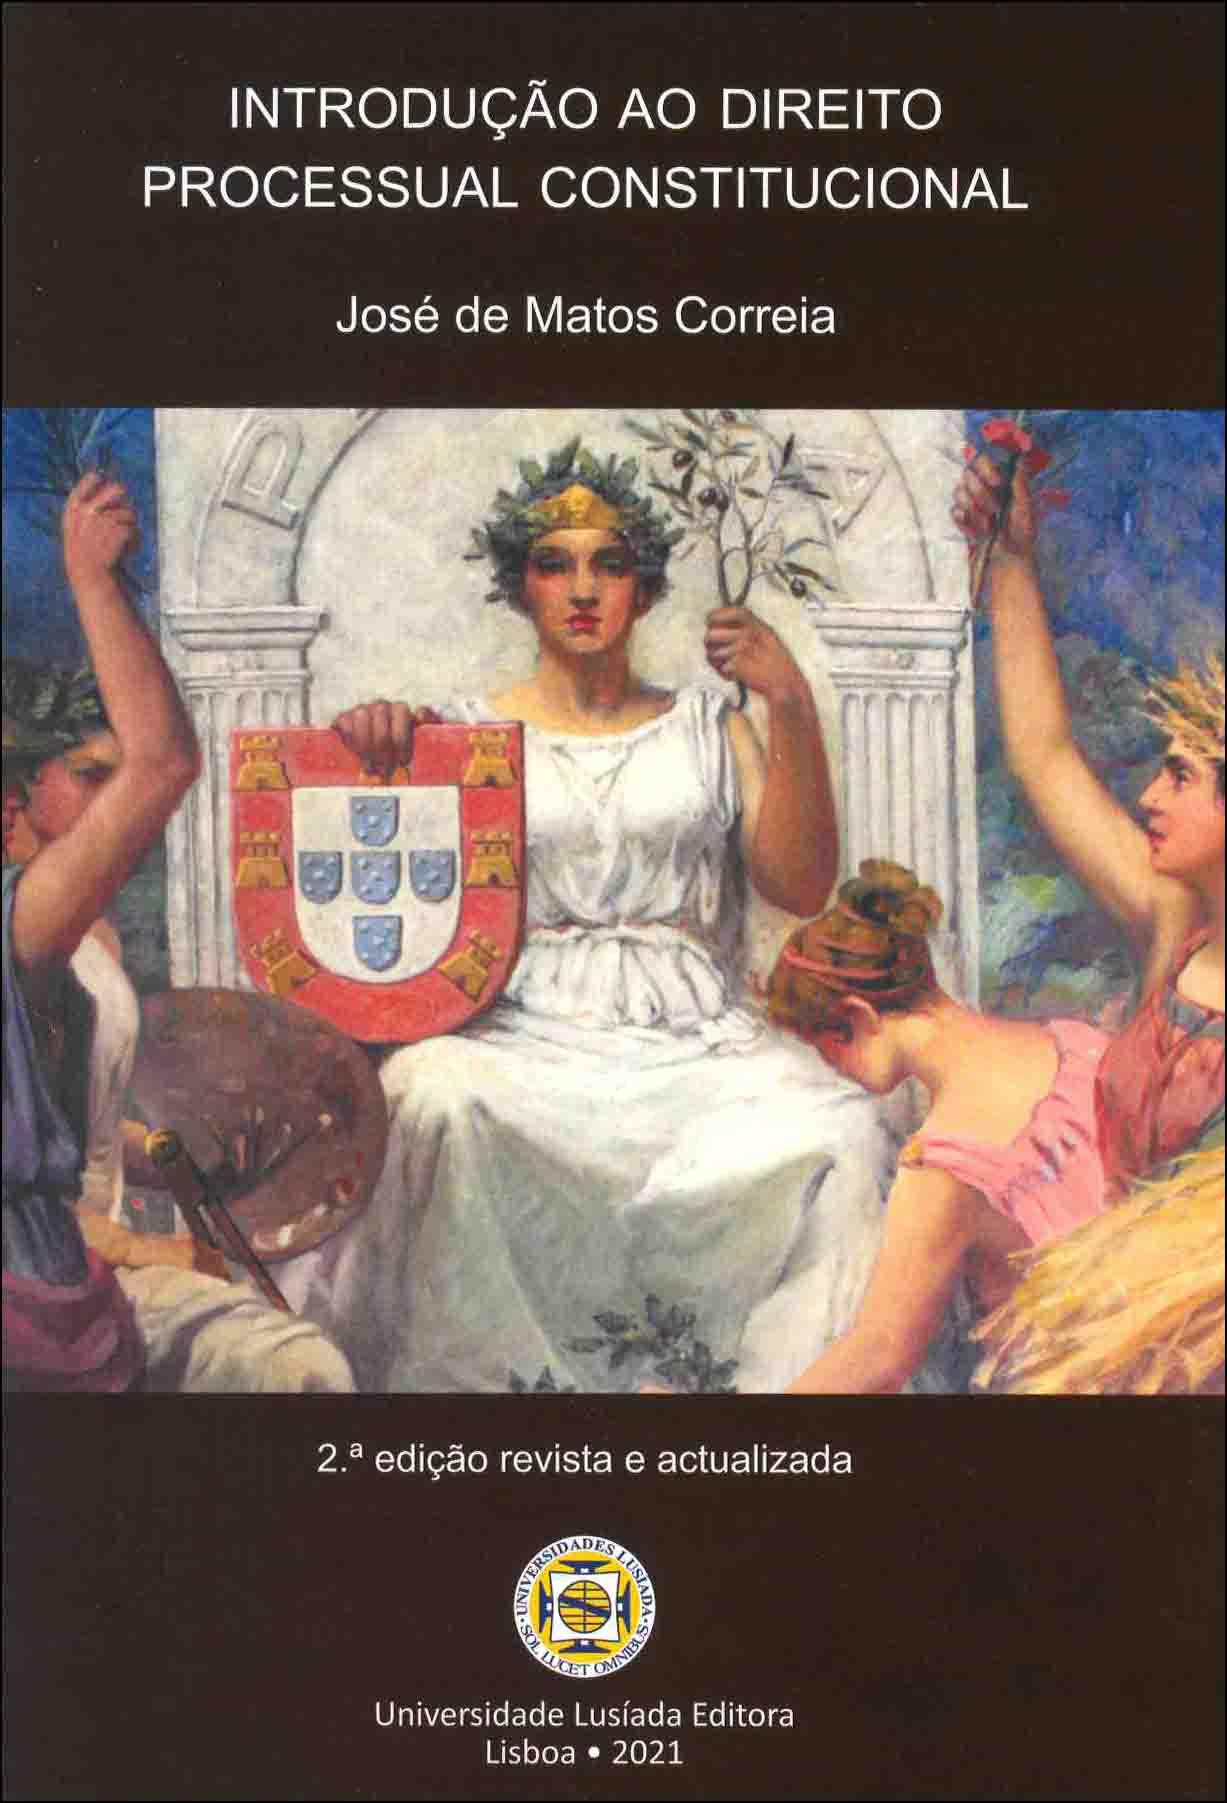 Introdução ao direito processual constitucional (2.ª edição revista e actualizada)